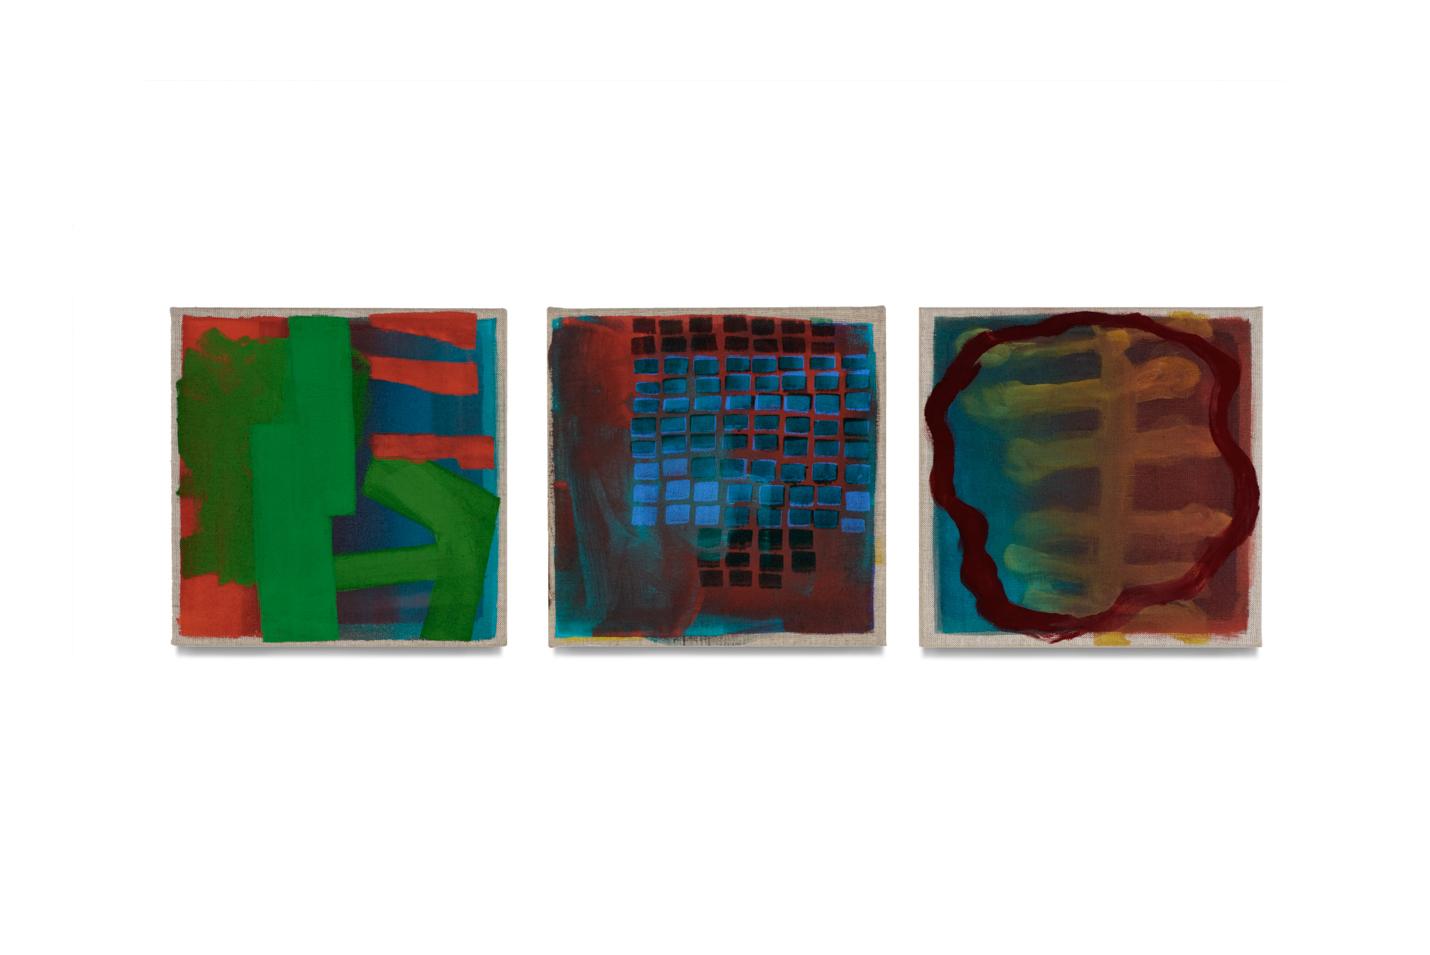 drei Köpfe, 2020, 3 Tafeln je 35x35 | 3 teste, 3 tavole cad. 35x35